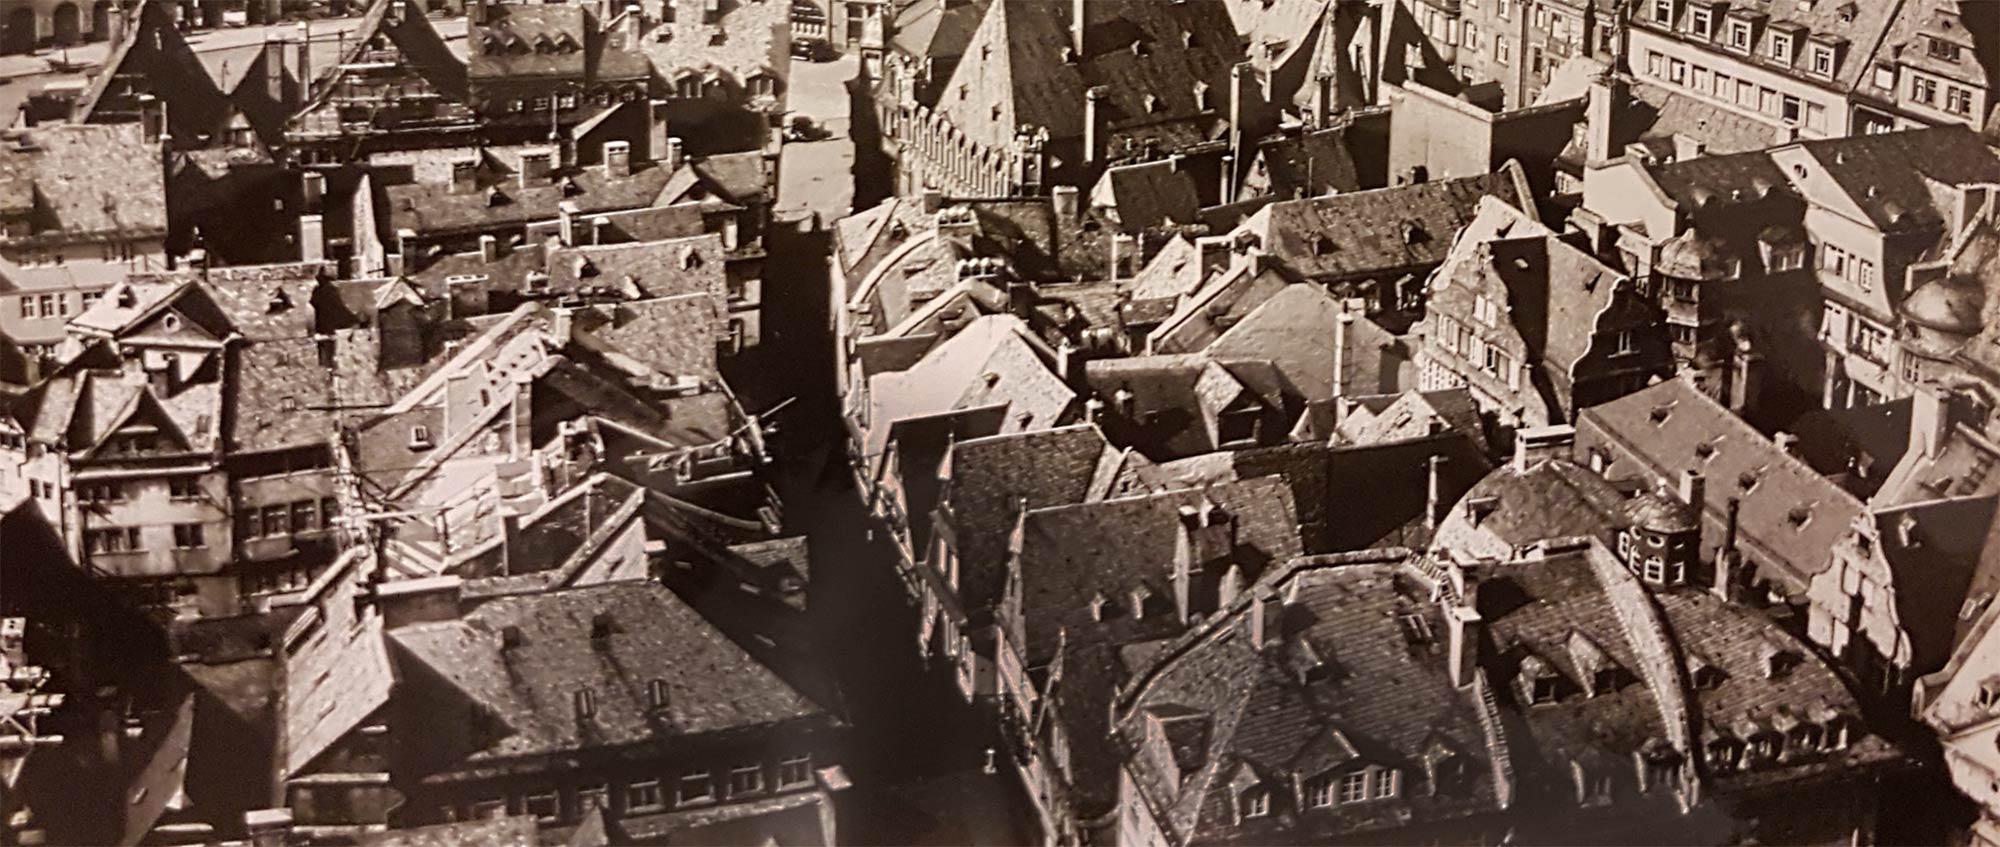 Altstadt Frankfurt 1941 - historische Gebäude